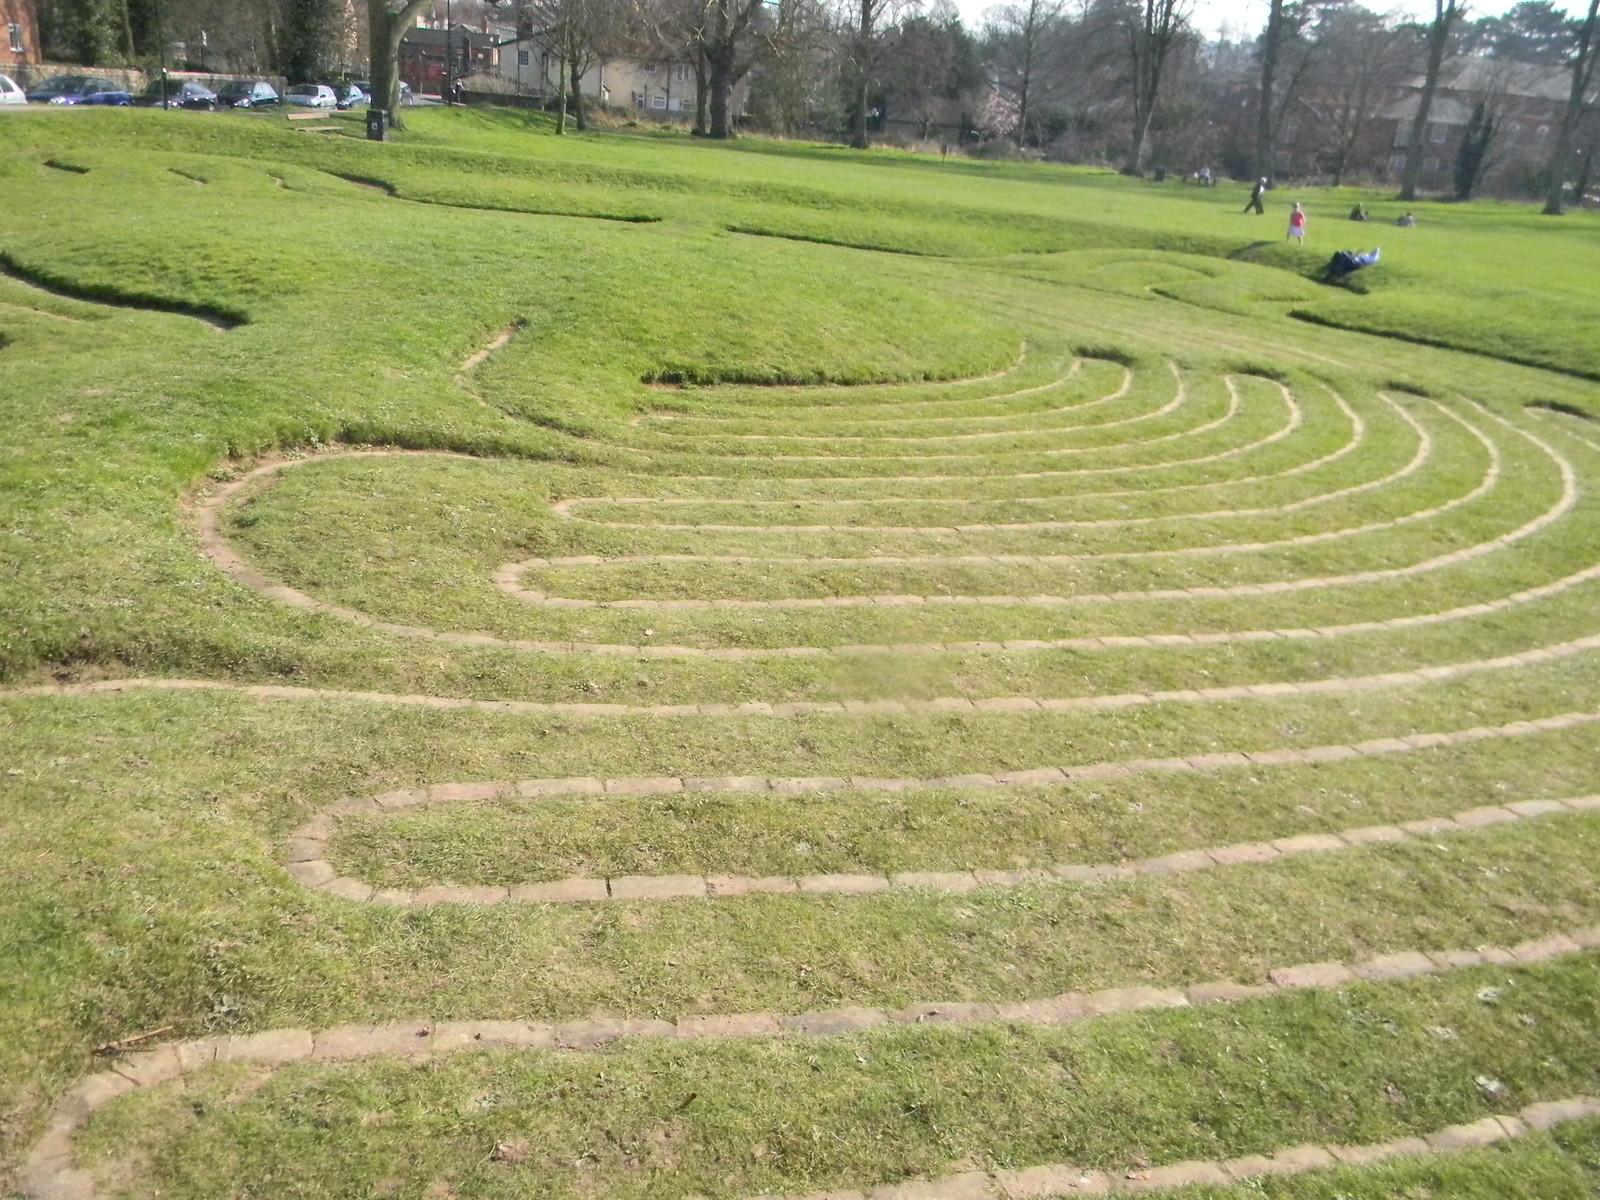 Turf maze, Saffron Walden Great Chesterford to Newport